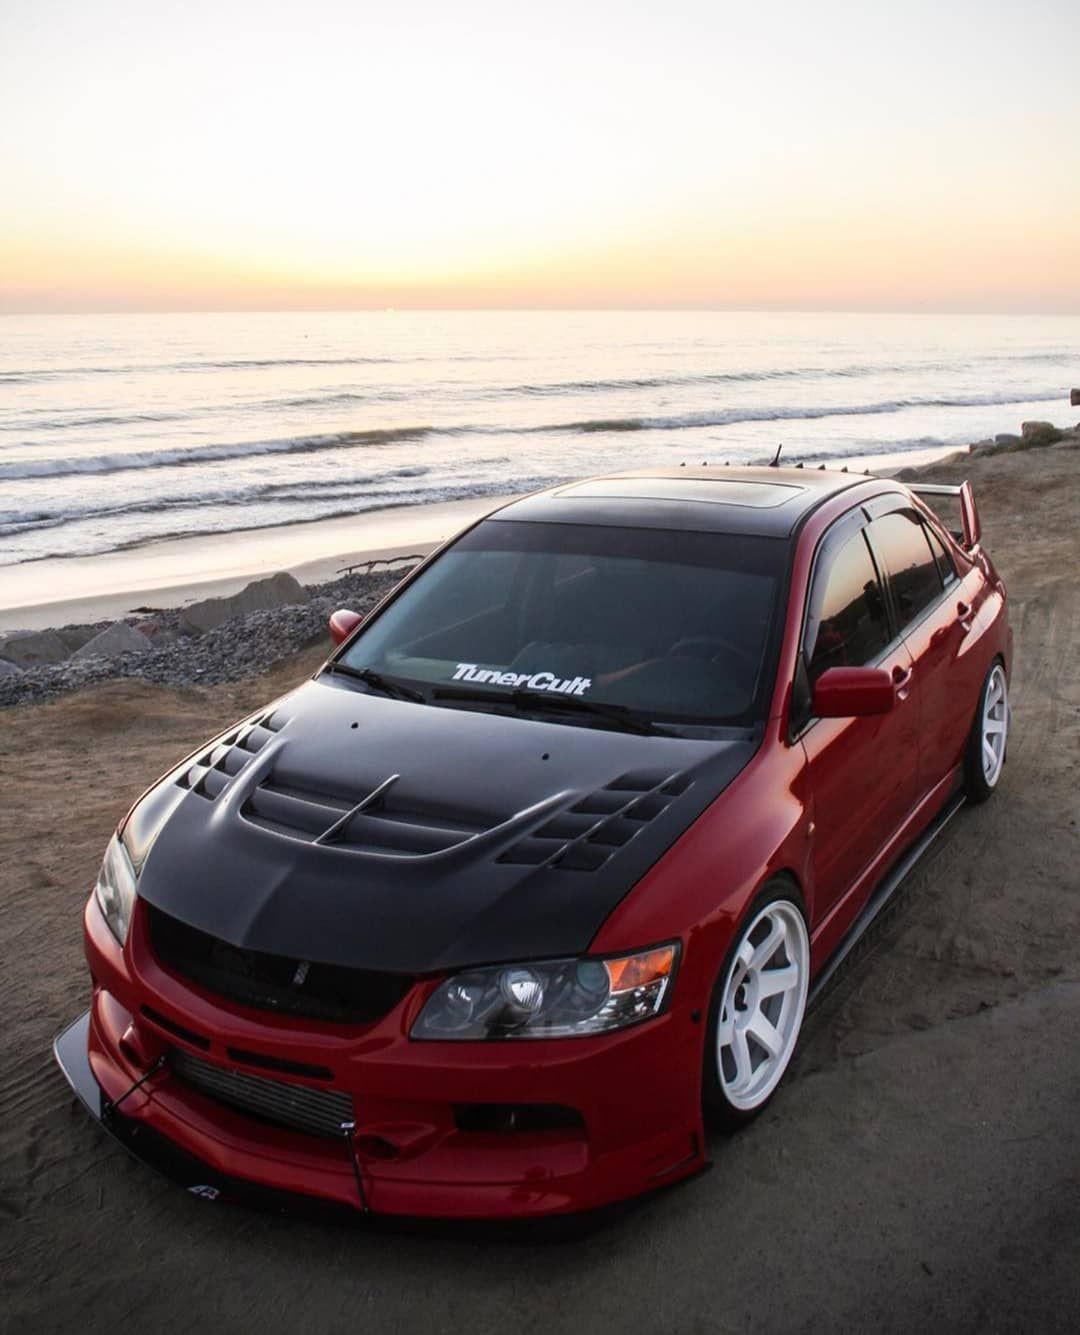 Missing The Beach Already Owner Evobrazy Follow The Crew Nissanzfest Autofest Empire Evo Evoviii Evoix Evox Evo8 Evo9 Evo10 Mitsubishi Tripledia